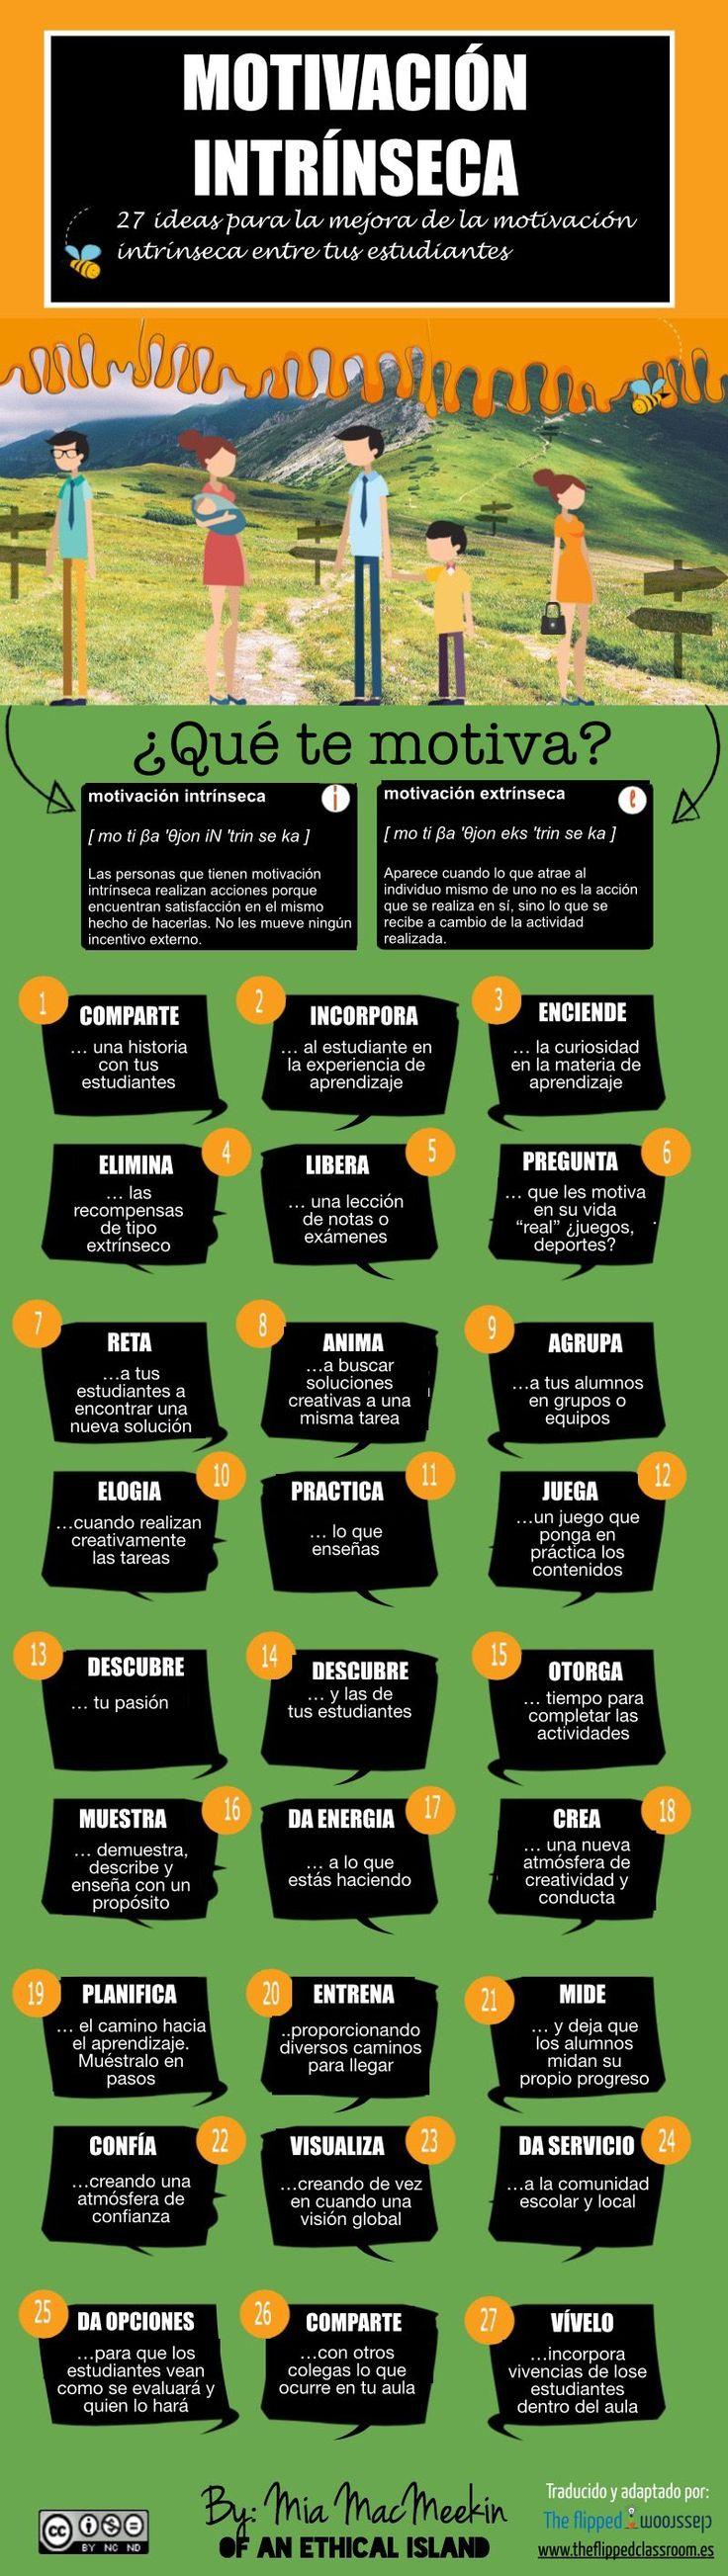 """Hola: Compartimos una interesante infografía sobre """"Motivación Intrínseca en el Aula – 27 Tips para Mejorarla"""" Un gran saludo. Visto en: theflippedclassroom.es Recom…"""